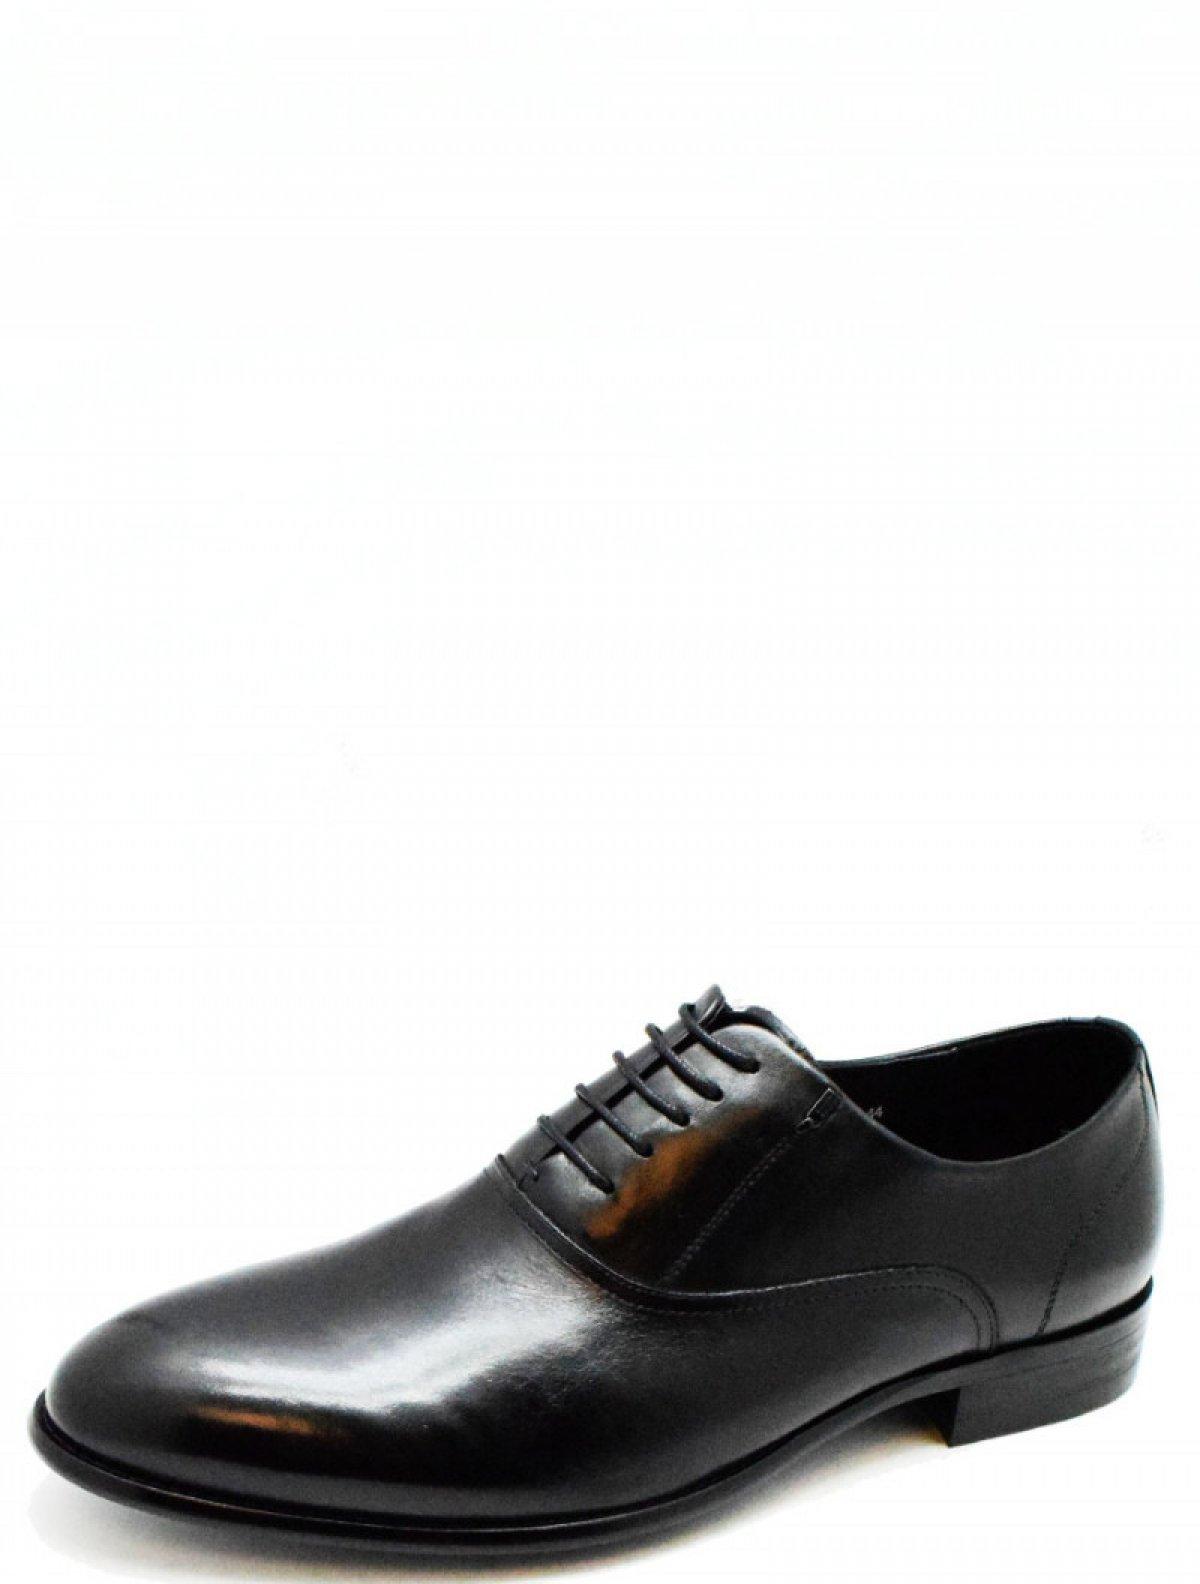 Respect VK83-106494 мужские туфли